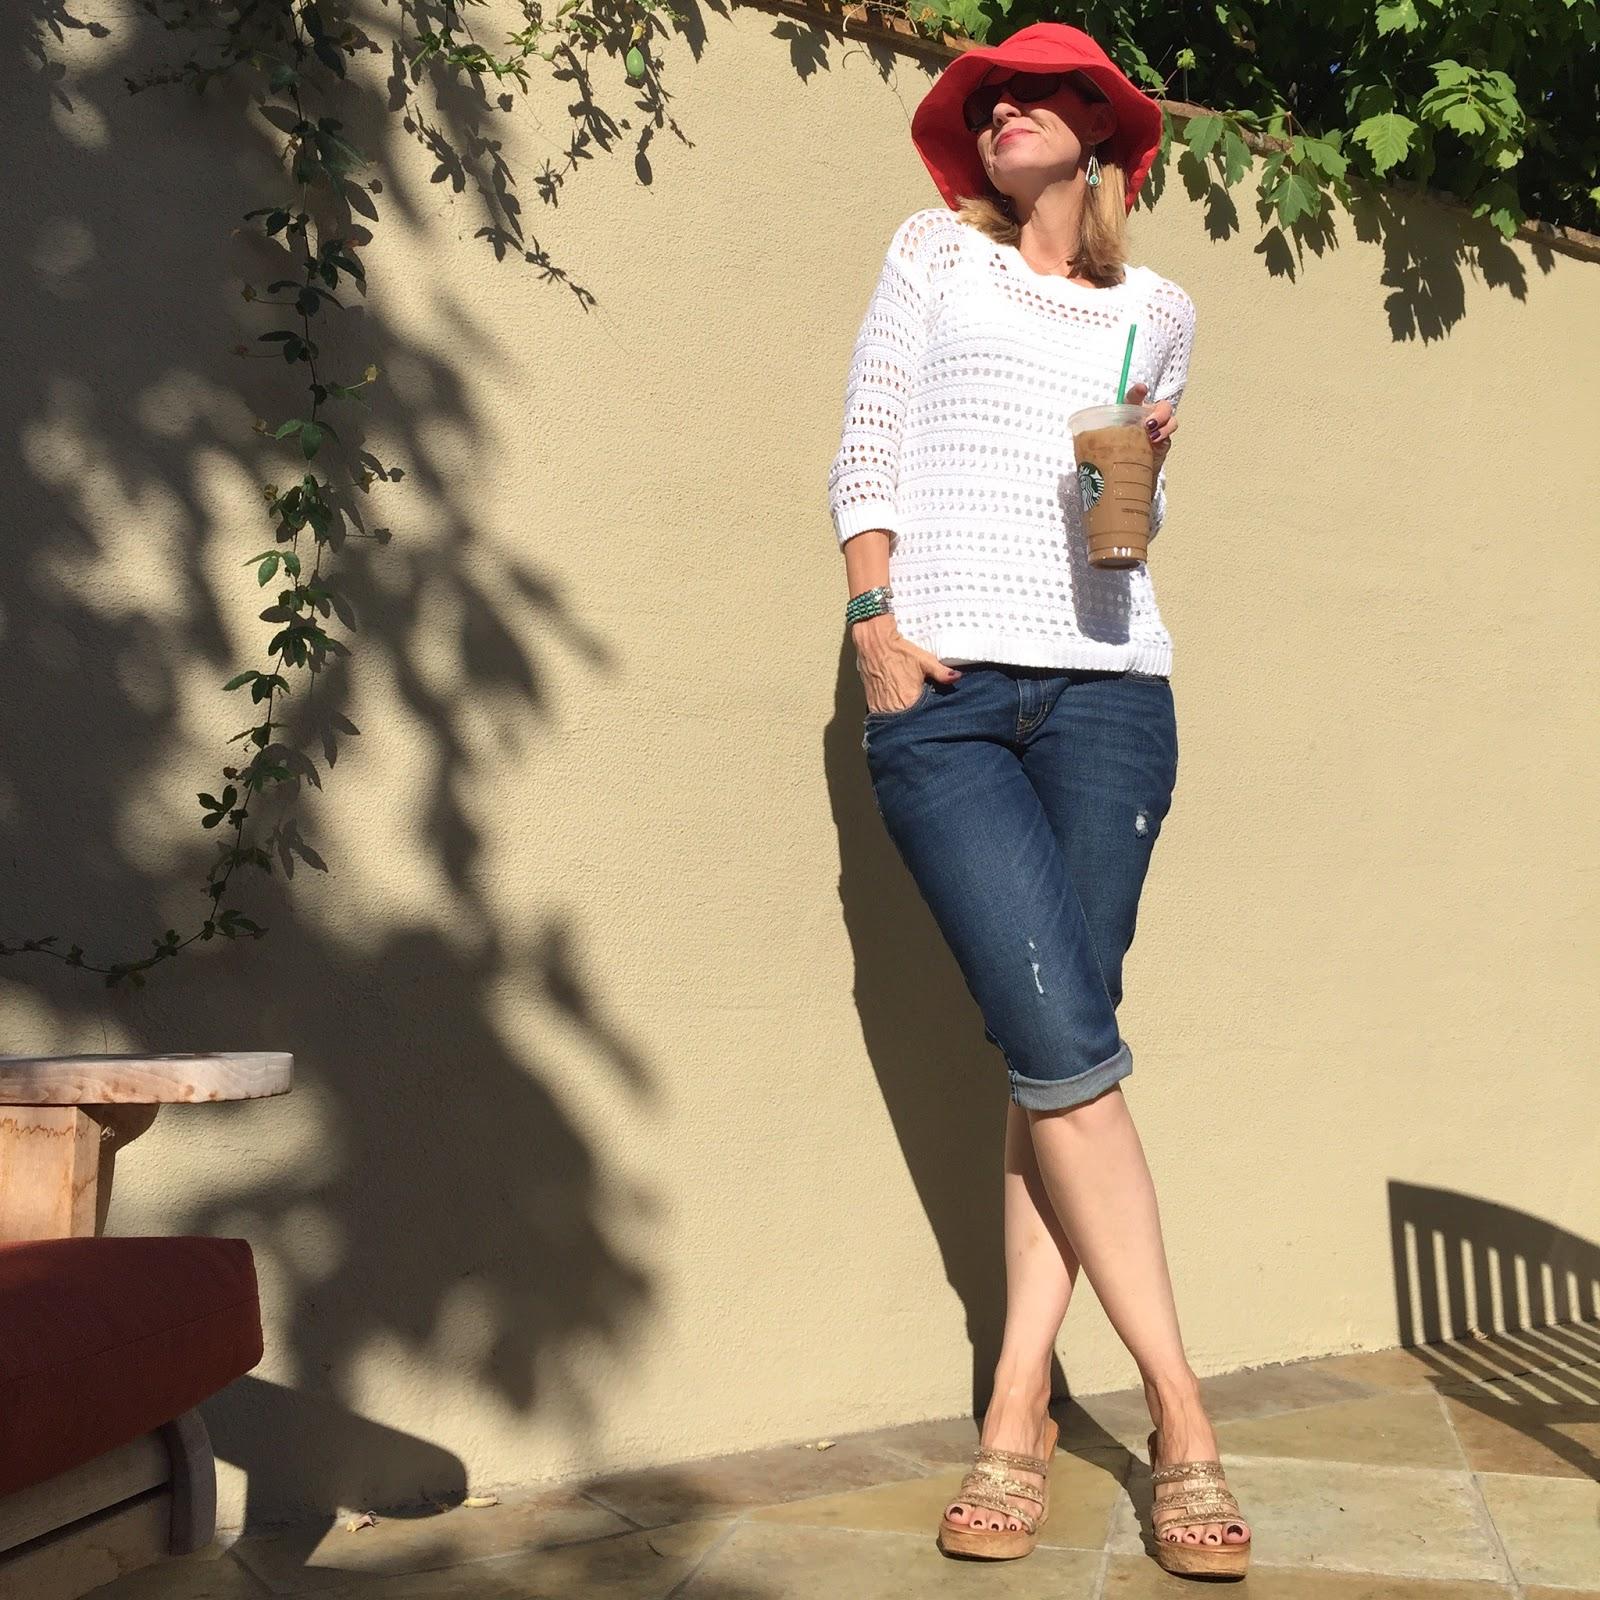 Scala Collezione Sun Hat Review - Fashion Should Be Fun 4e05df5ce88